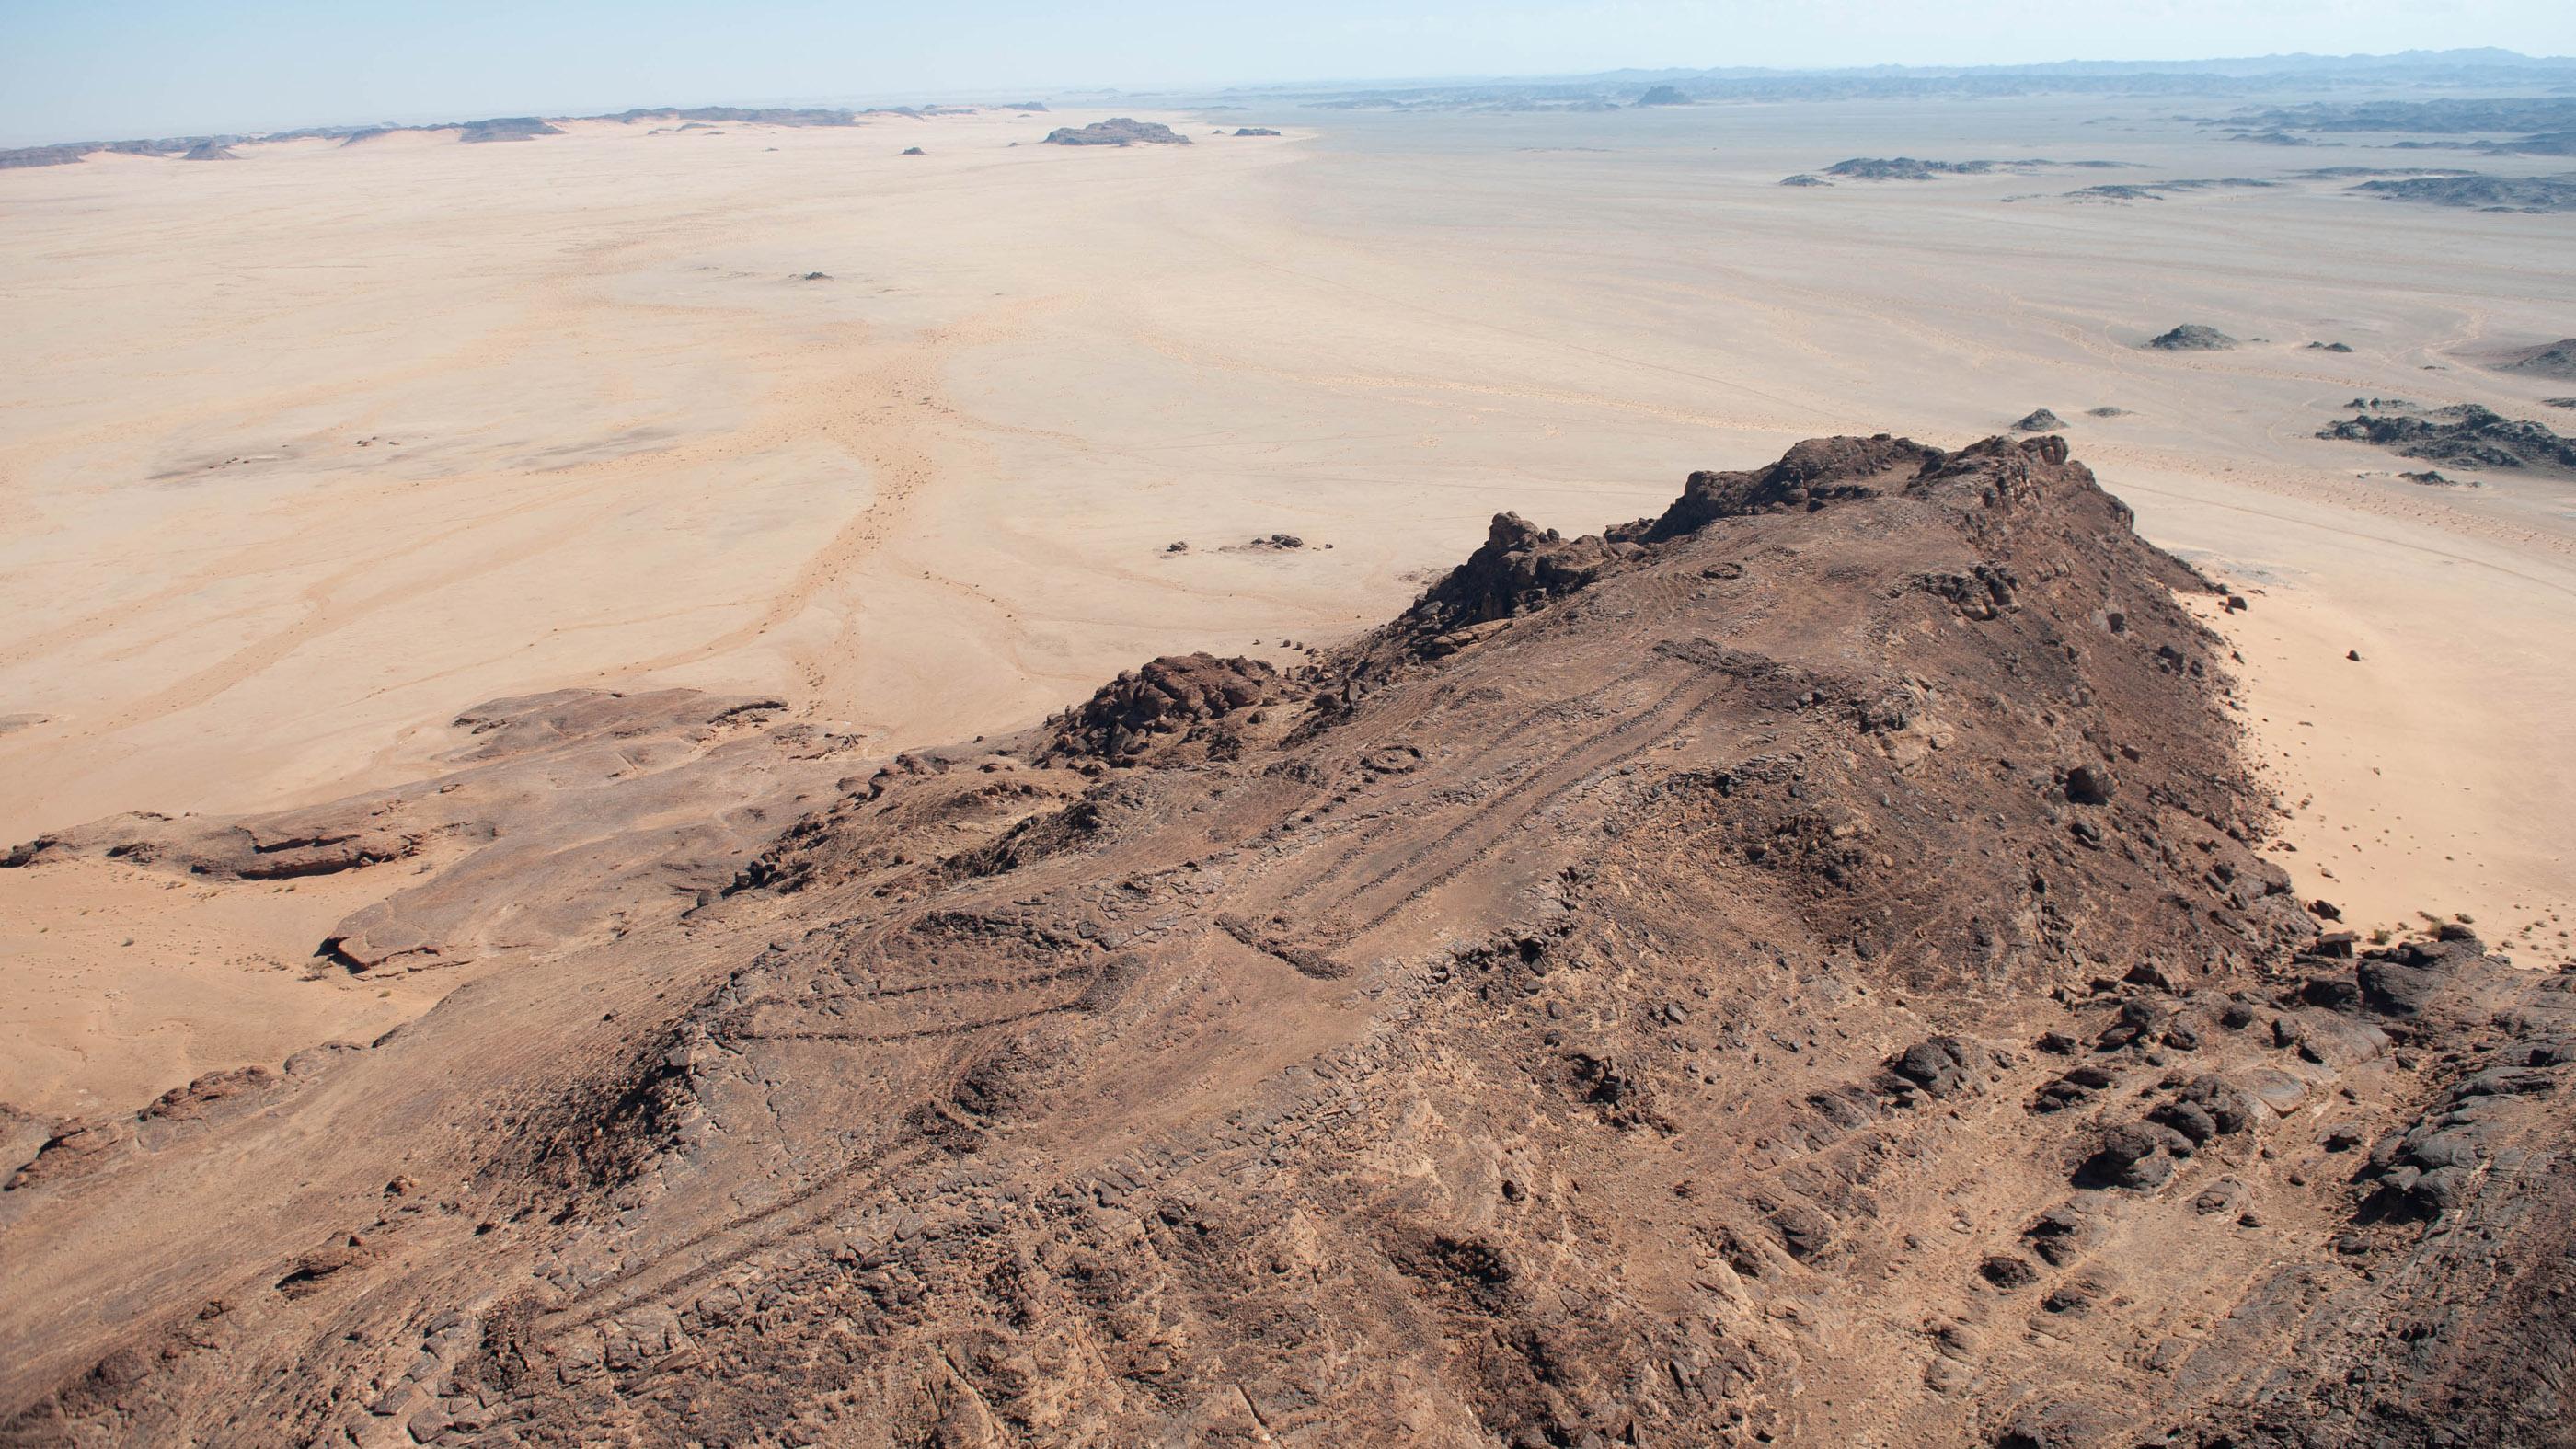 Plus de 1000 de ces mustatils ont été documentés en Arabie et remontent à environ 7000 ans.